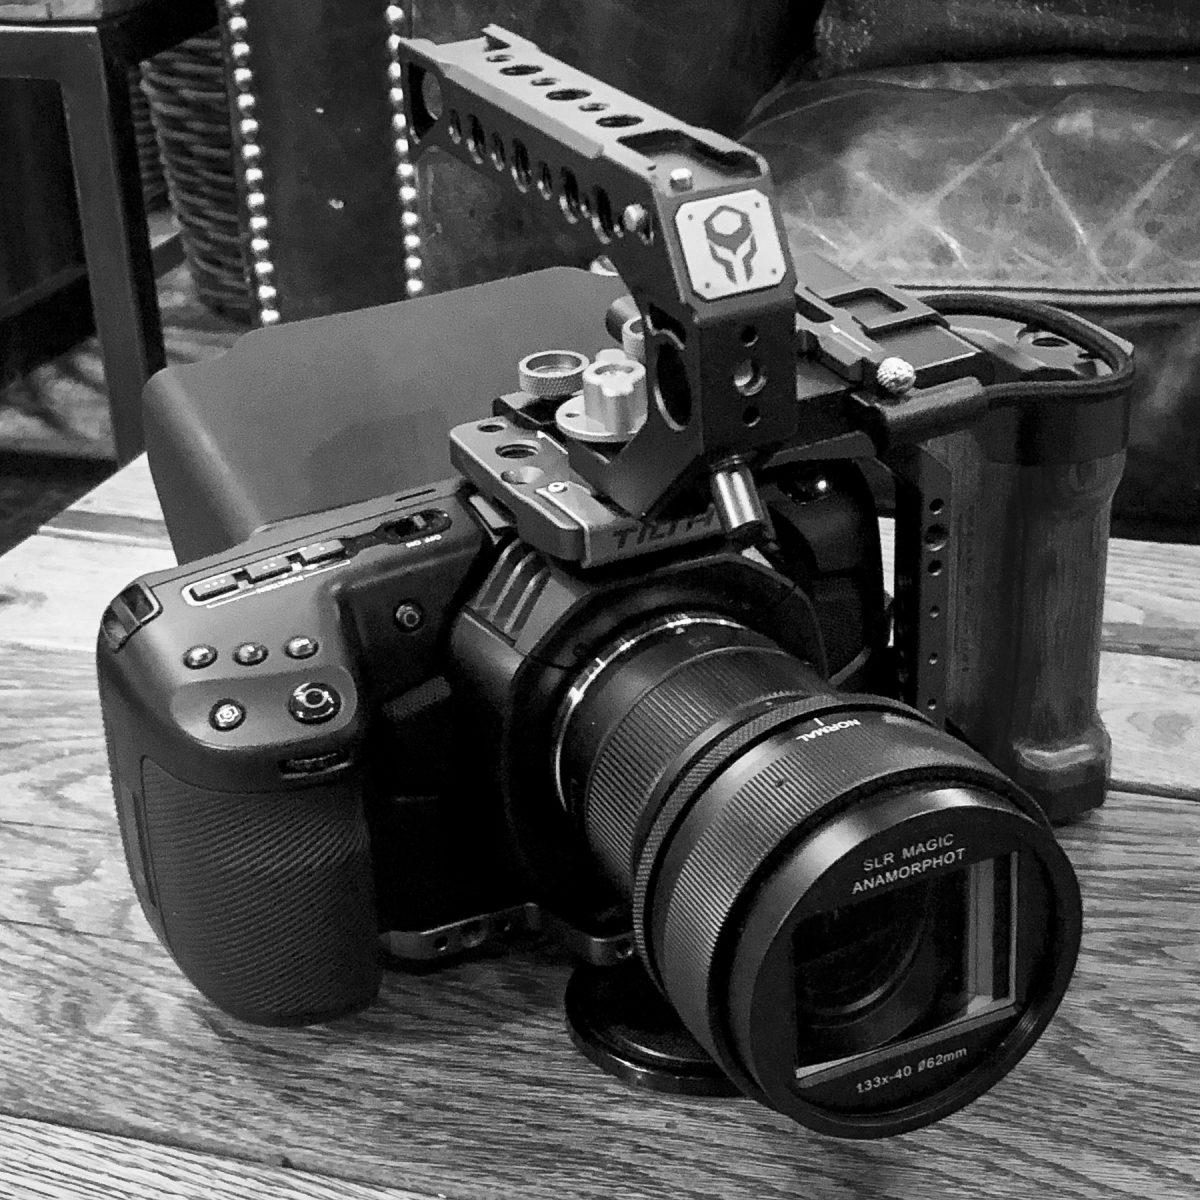 BMPCC4K med SLR Magic Anamorphot og Panasonic 25mm